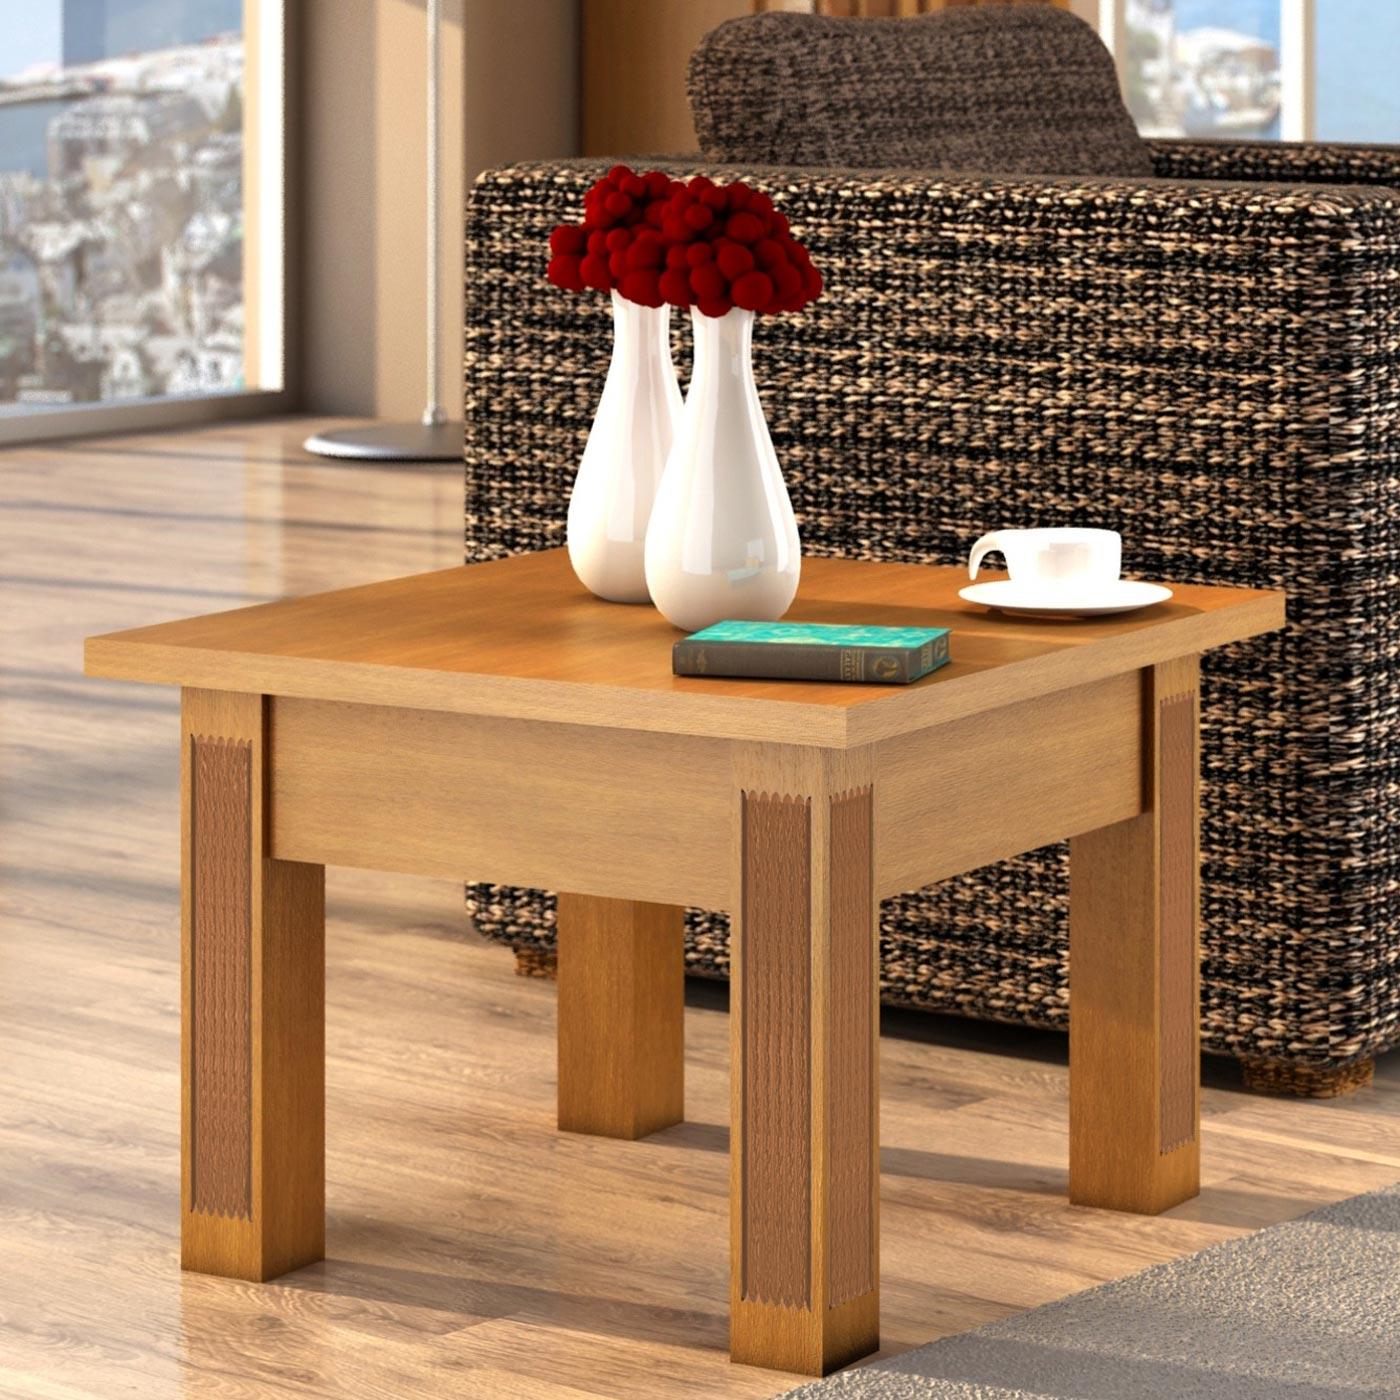 couchtisch quadratisch mit schublade und fester platte pinie massiv 70x70 cm mvg. Black Bedroom Furniture Sets. Home Design Ideas